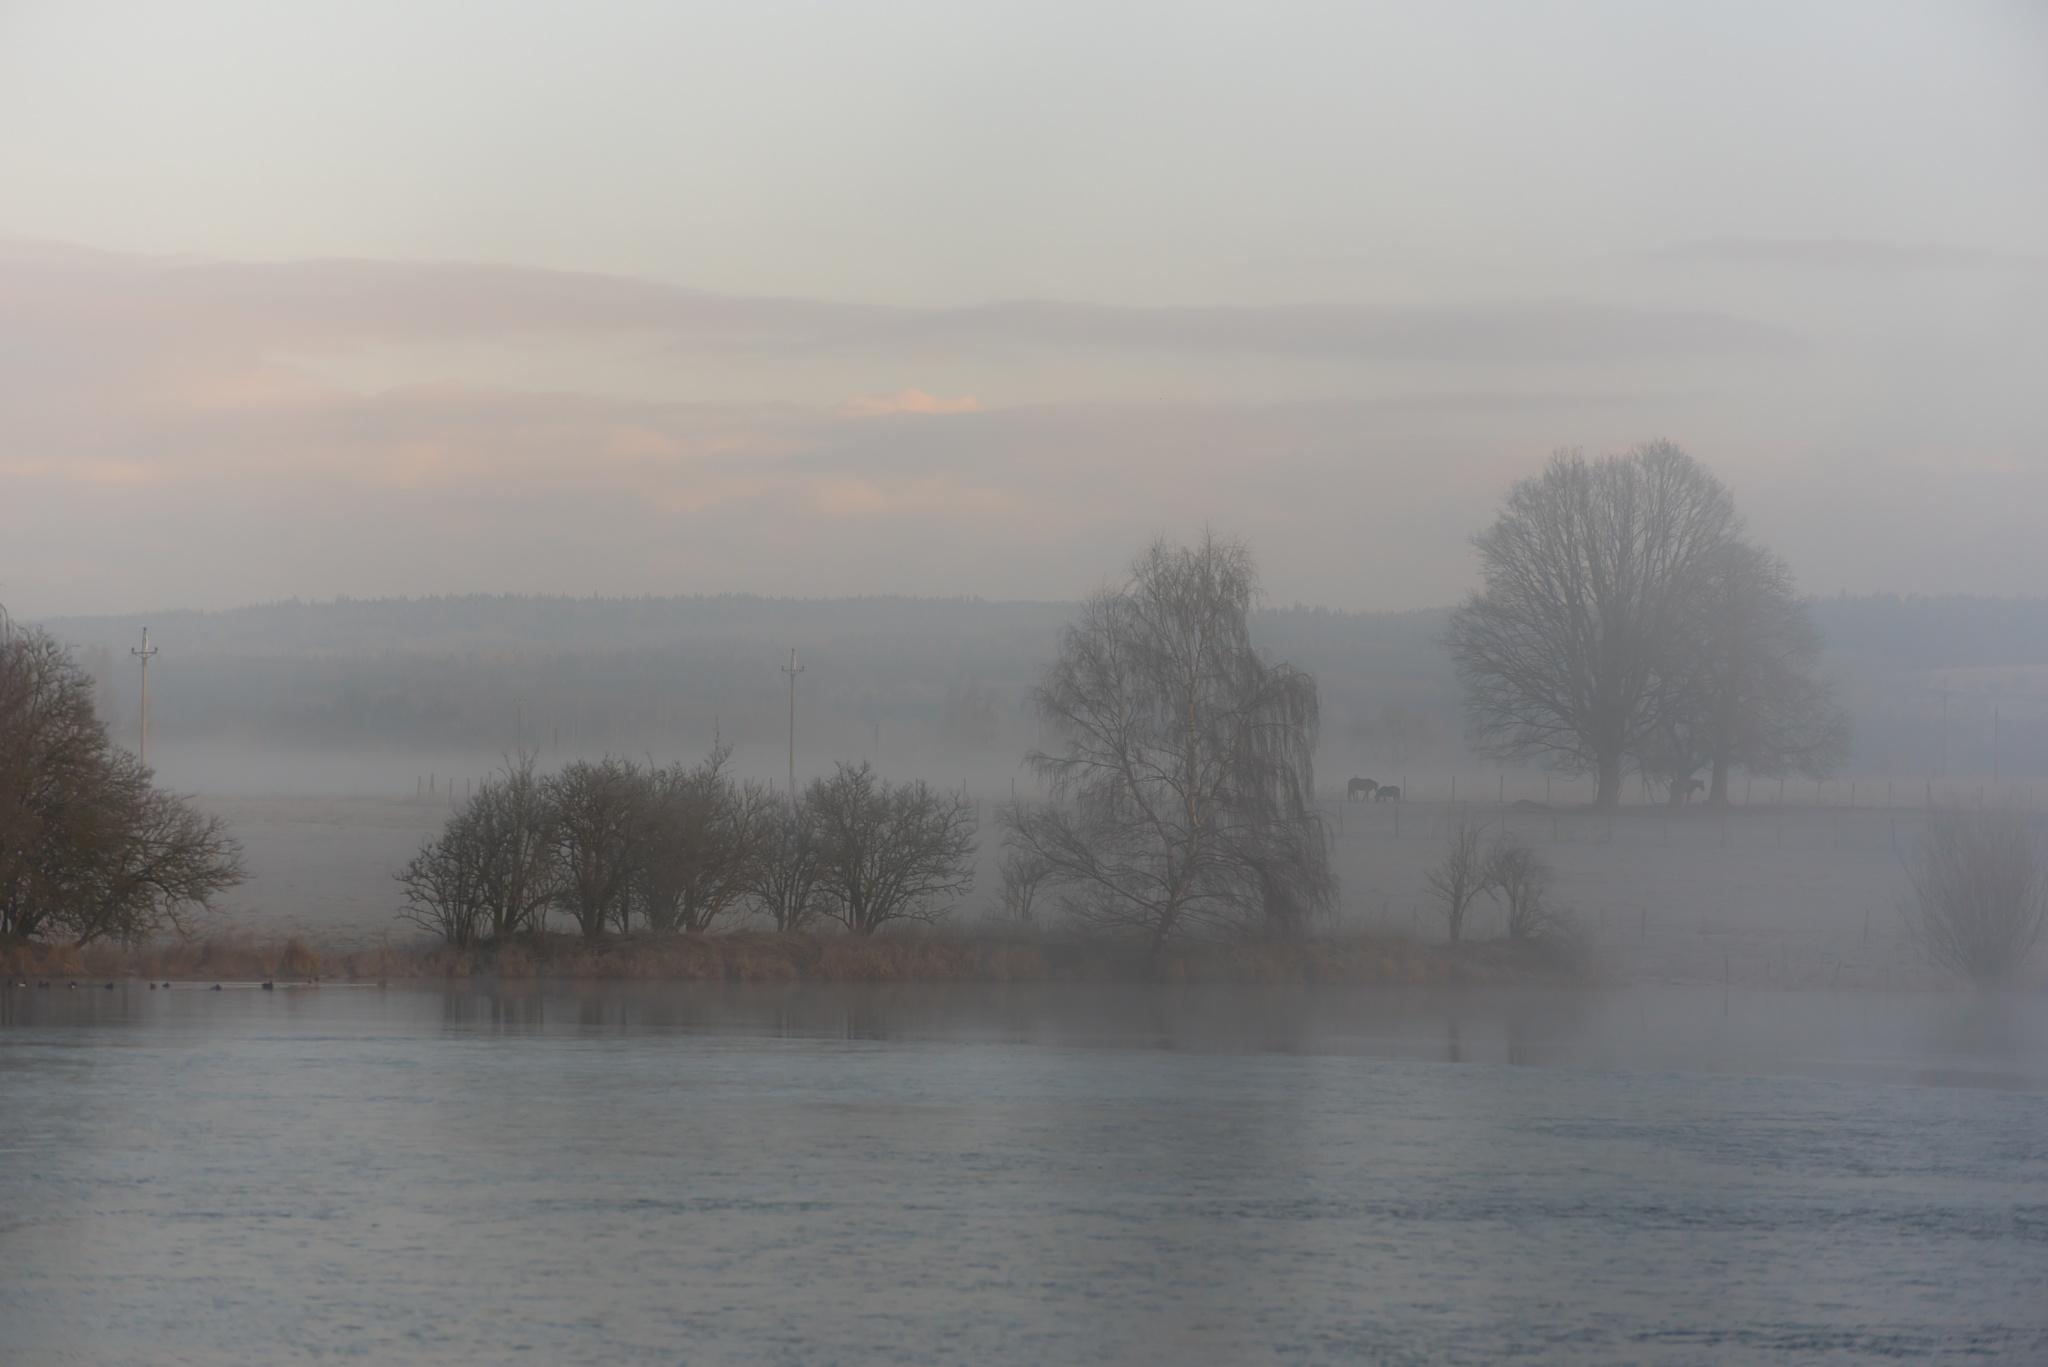 Winter morning at the pond by Miroslav Ondříšek